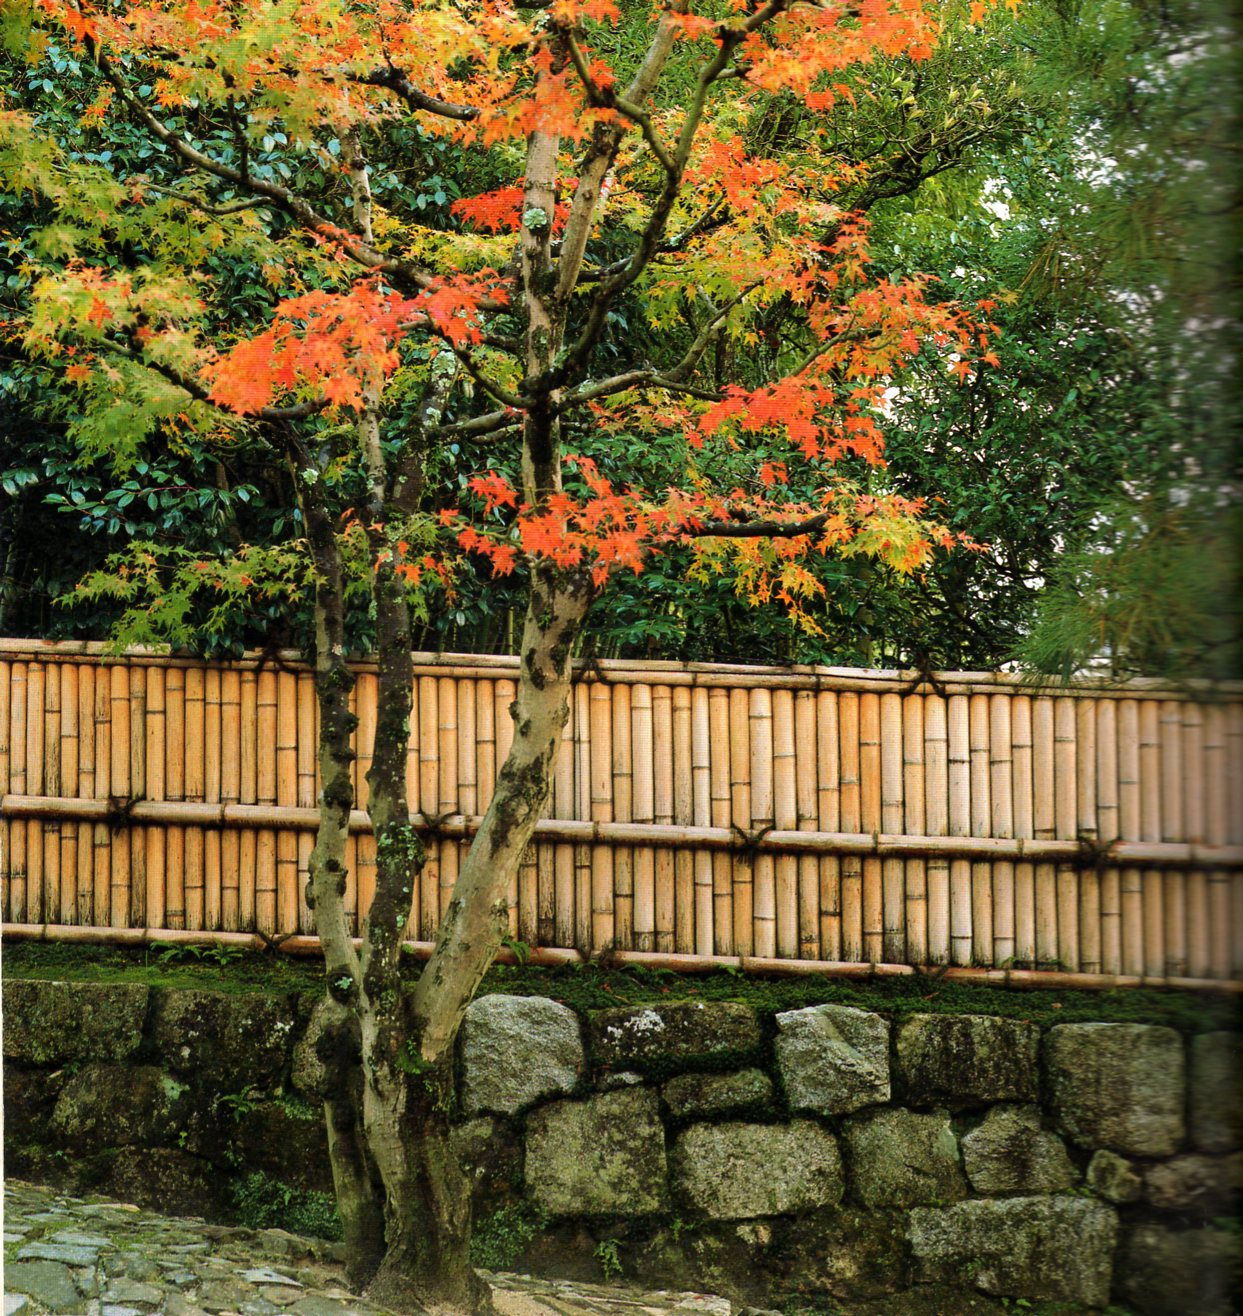 Les cl tures traditionnelles japonaises 2 jardins du japon et d 39 ailleurs - Barriere infrarouge jardin ...